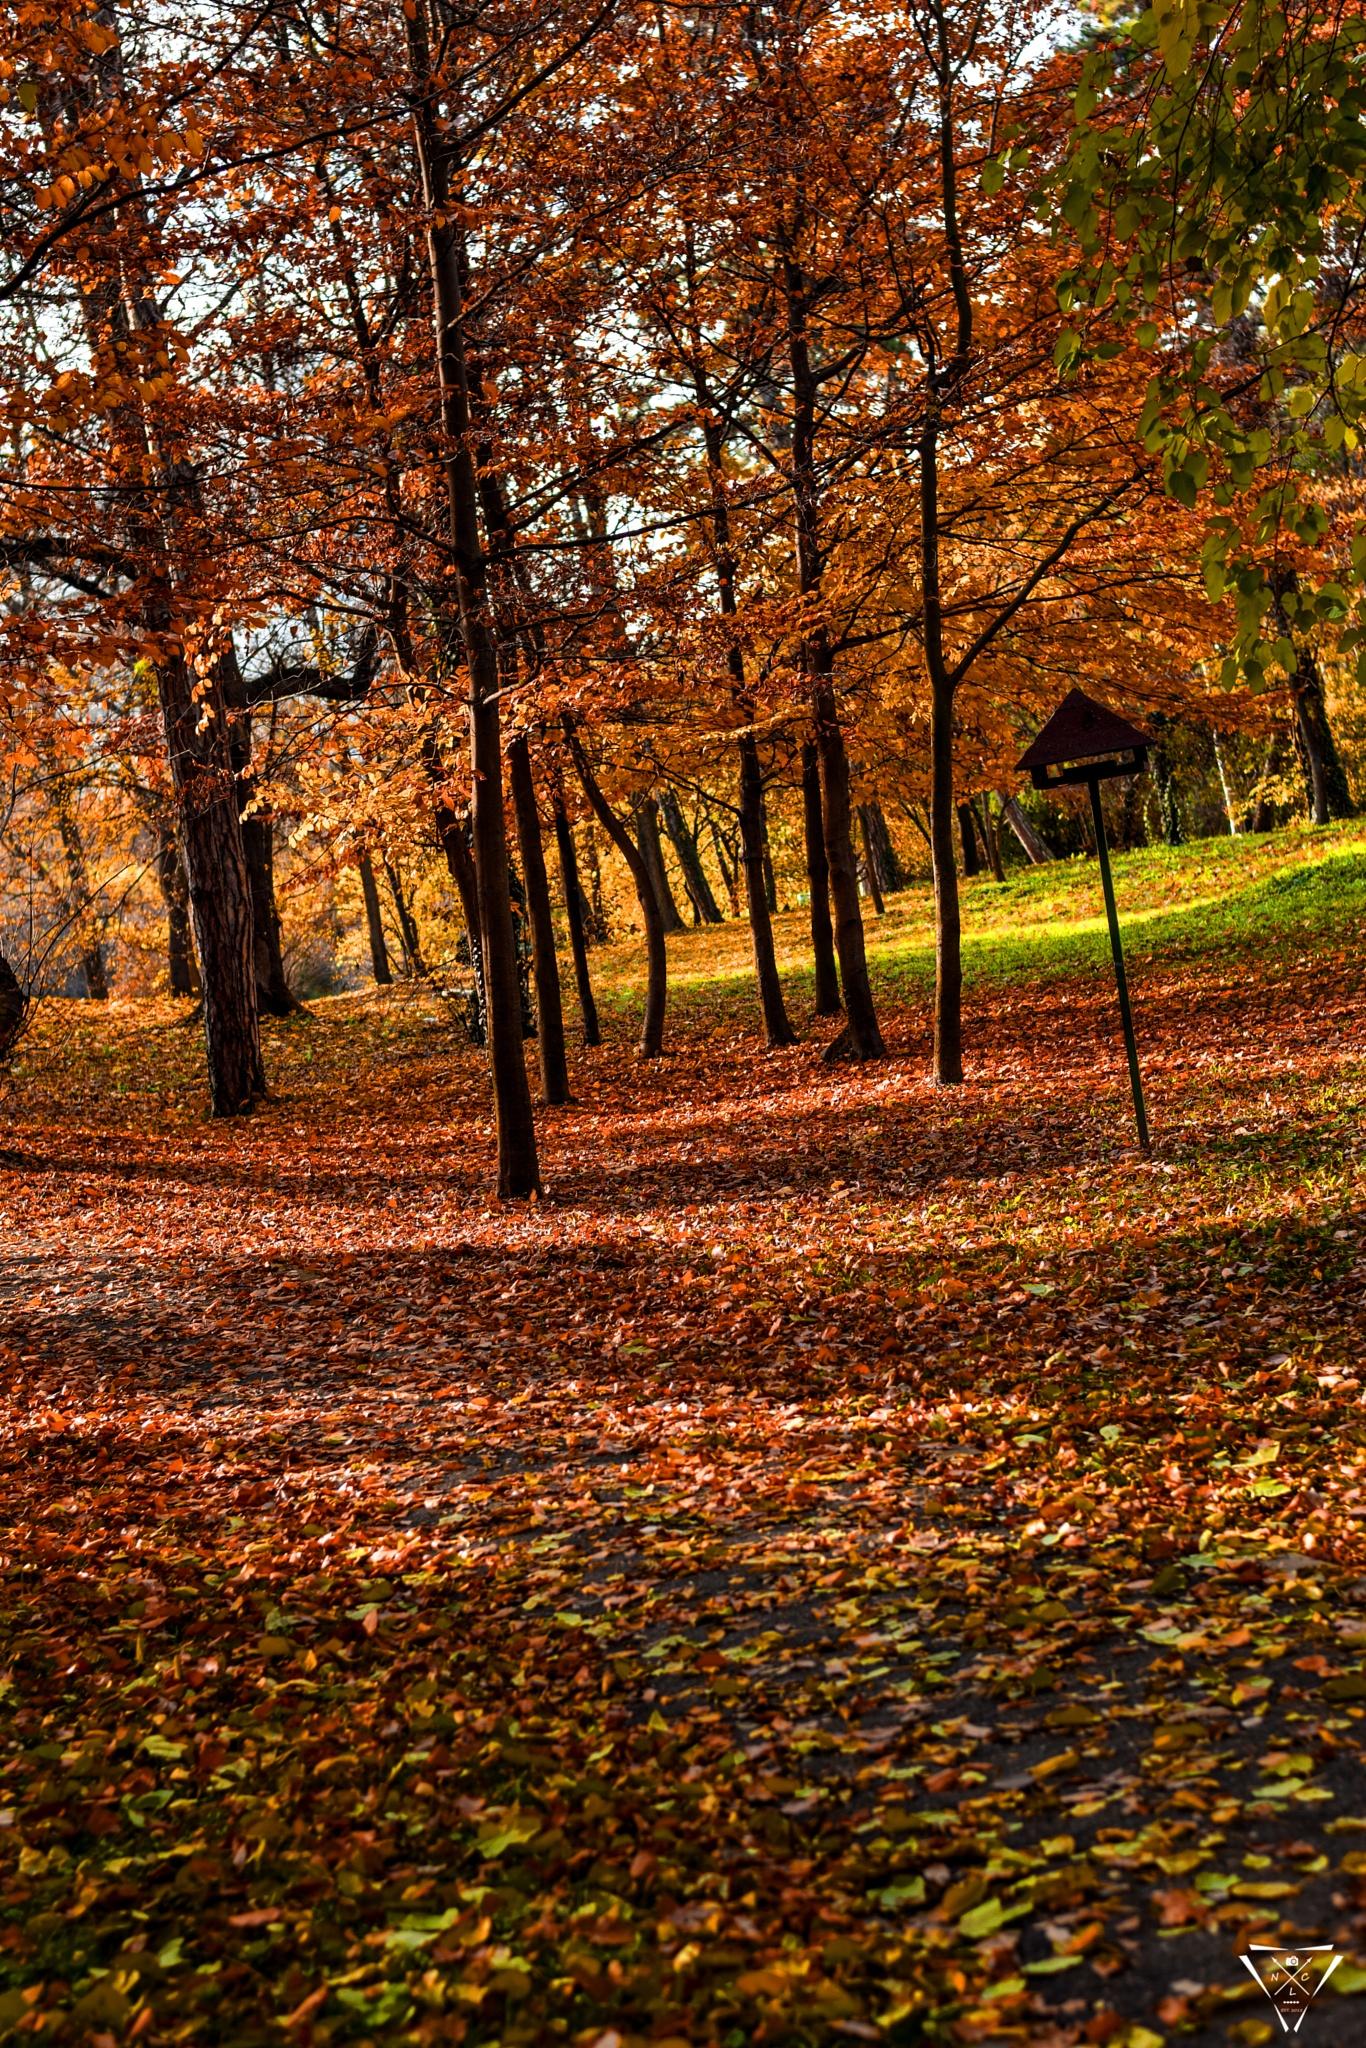 Auttumn park by NLC Artwork